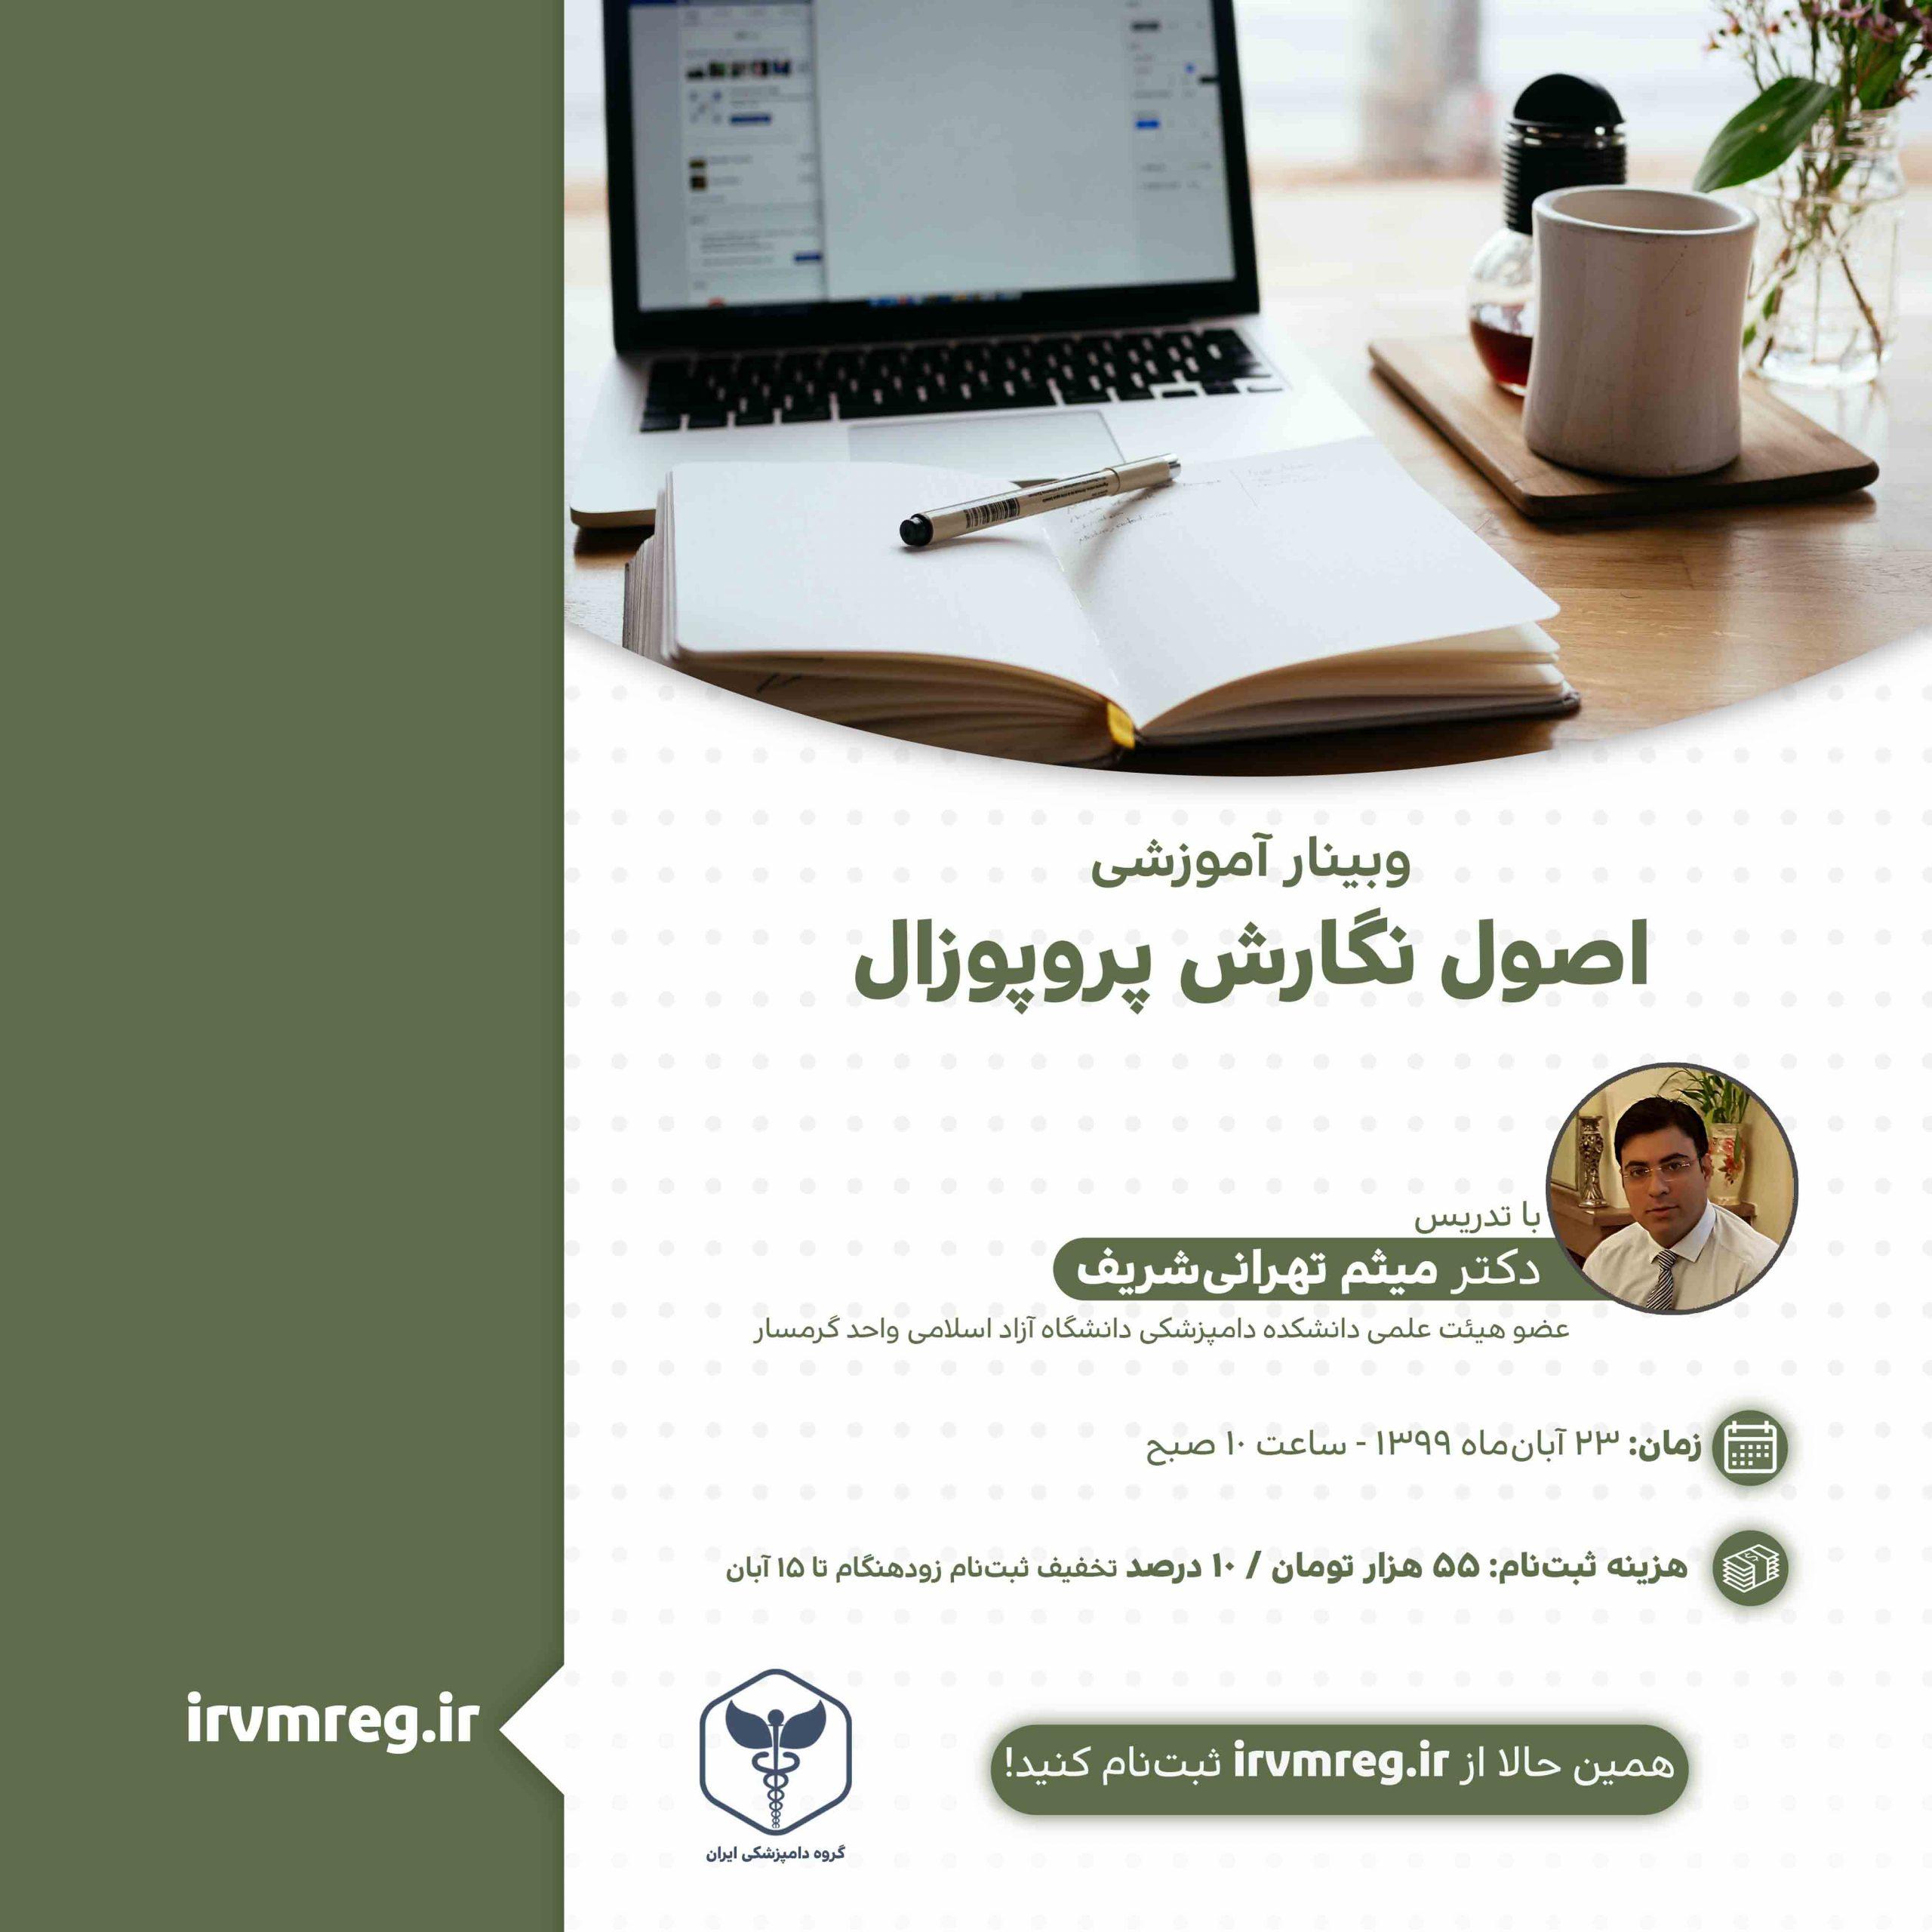 وبینار آموزشی اصول نگارش پروپوزال گروه دامپزشکی ایران